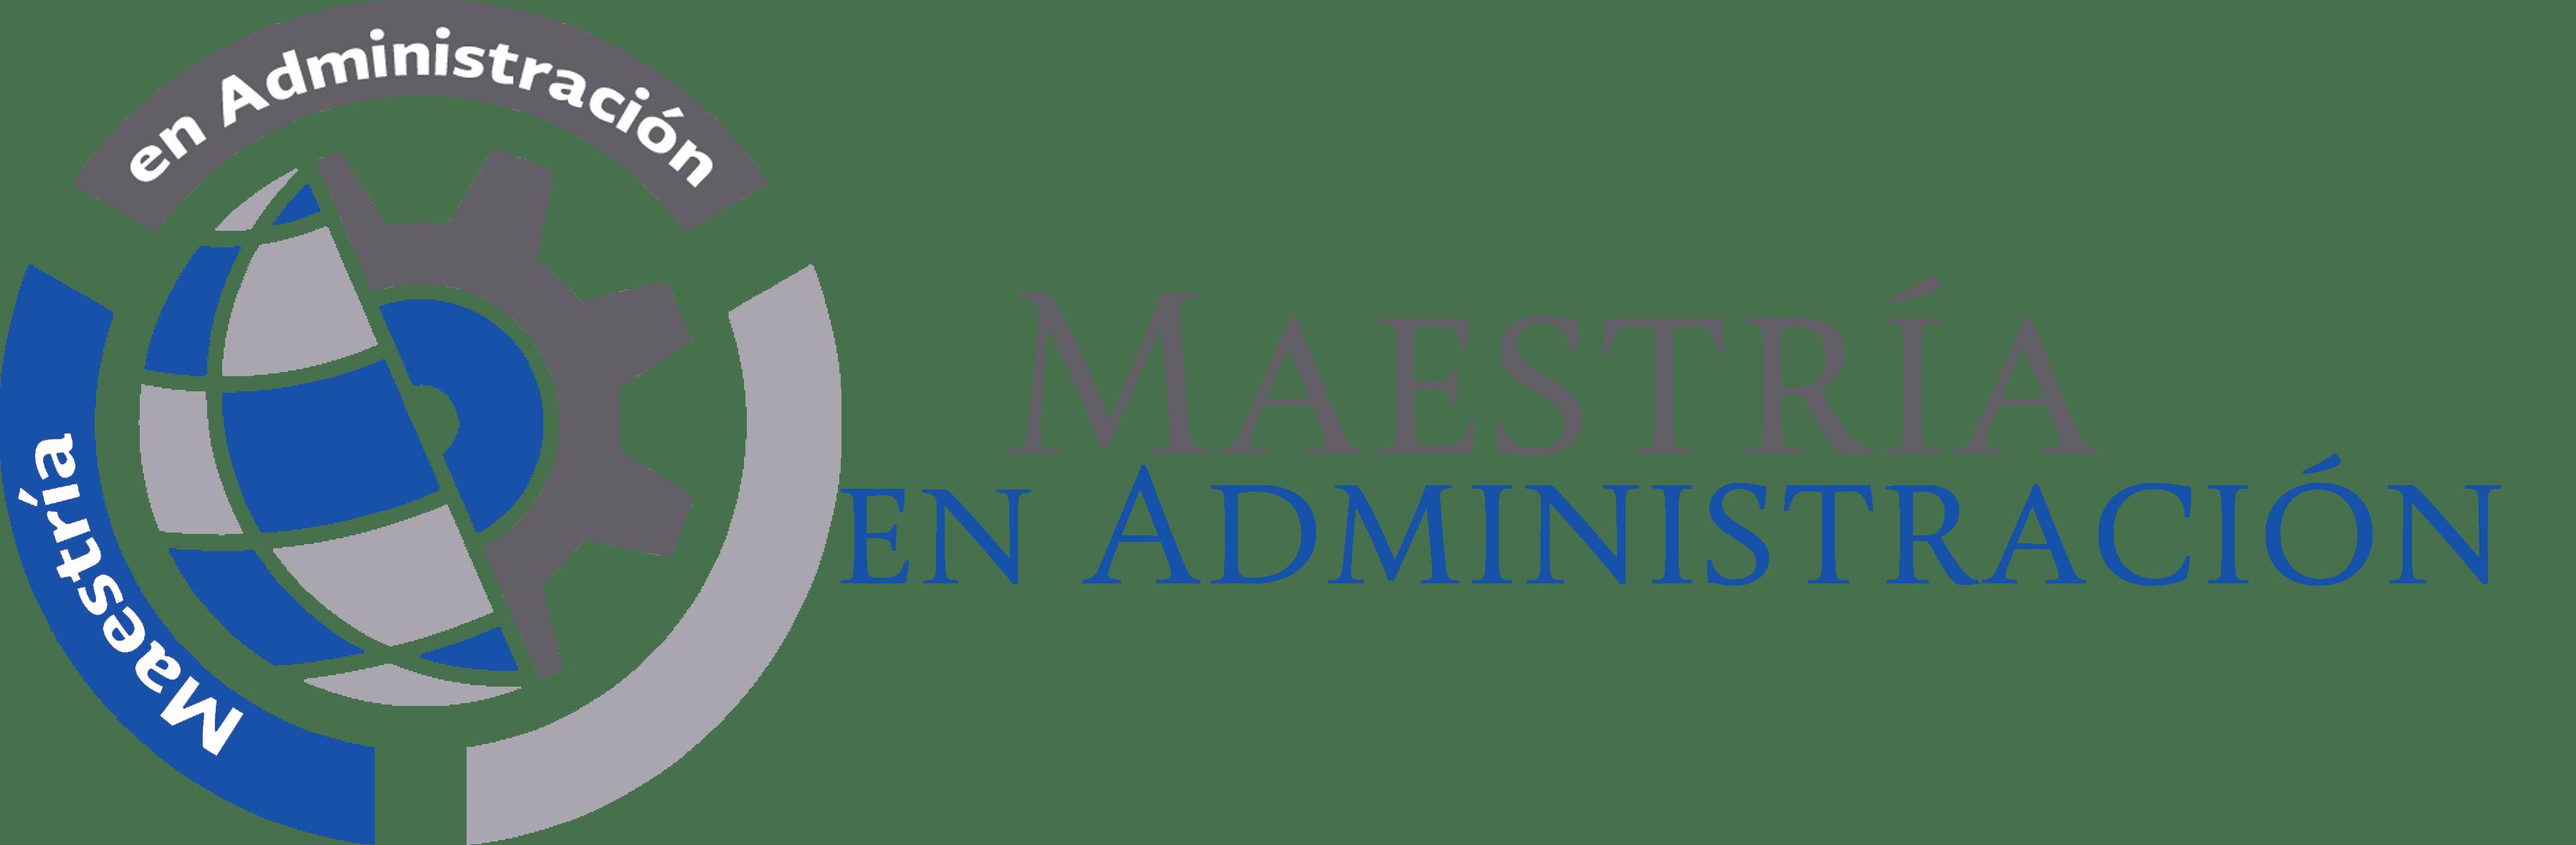 Programa de maestría en administración del TecNM para todos los interesados en ingresar en el periodo de Enero- Junio de 2021